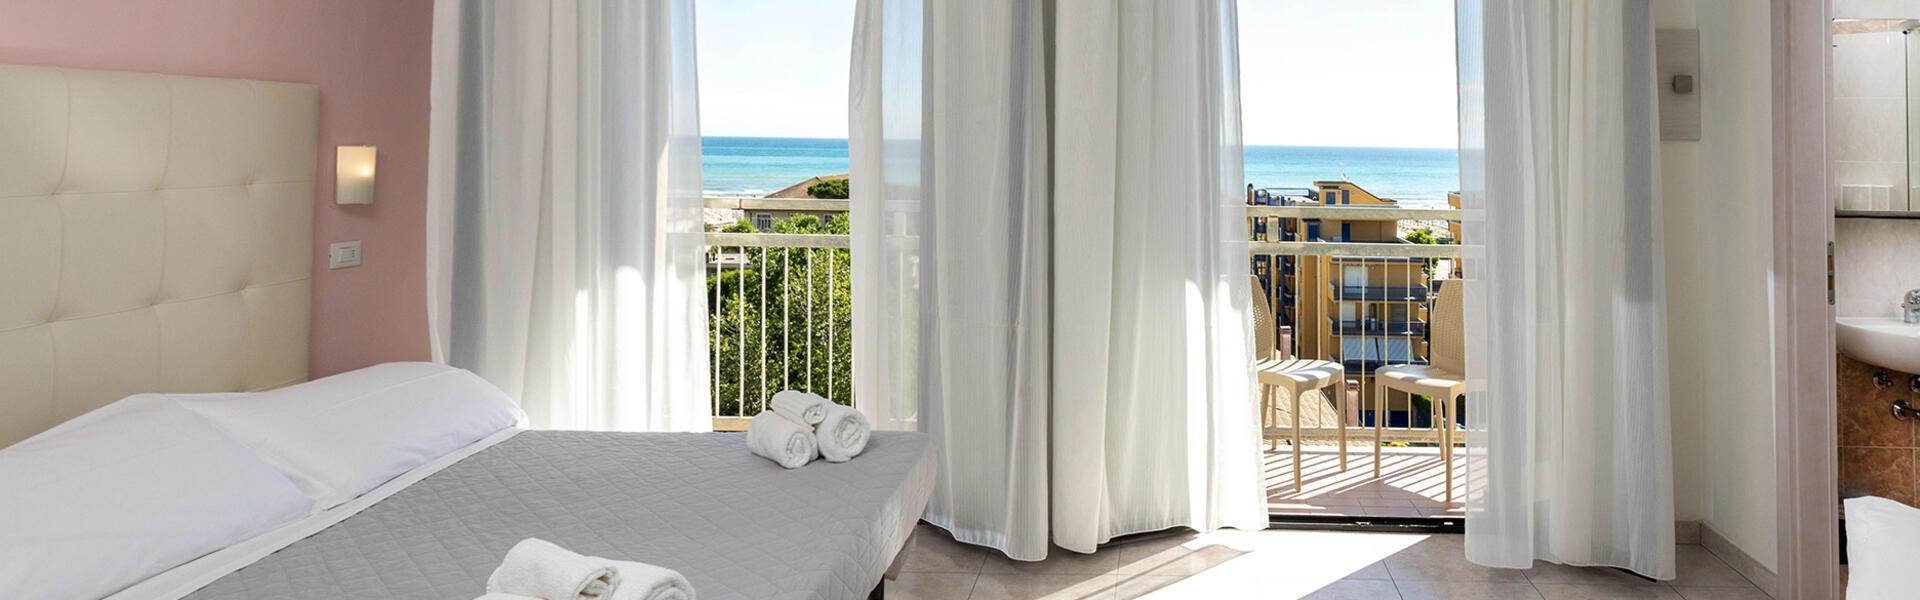 gambrinusrimini de zimmer-all-inclusive-hotel-riviera-romagnola 013